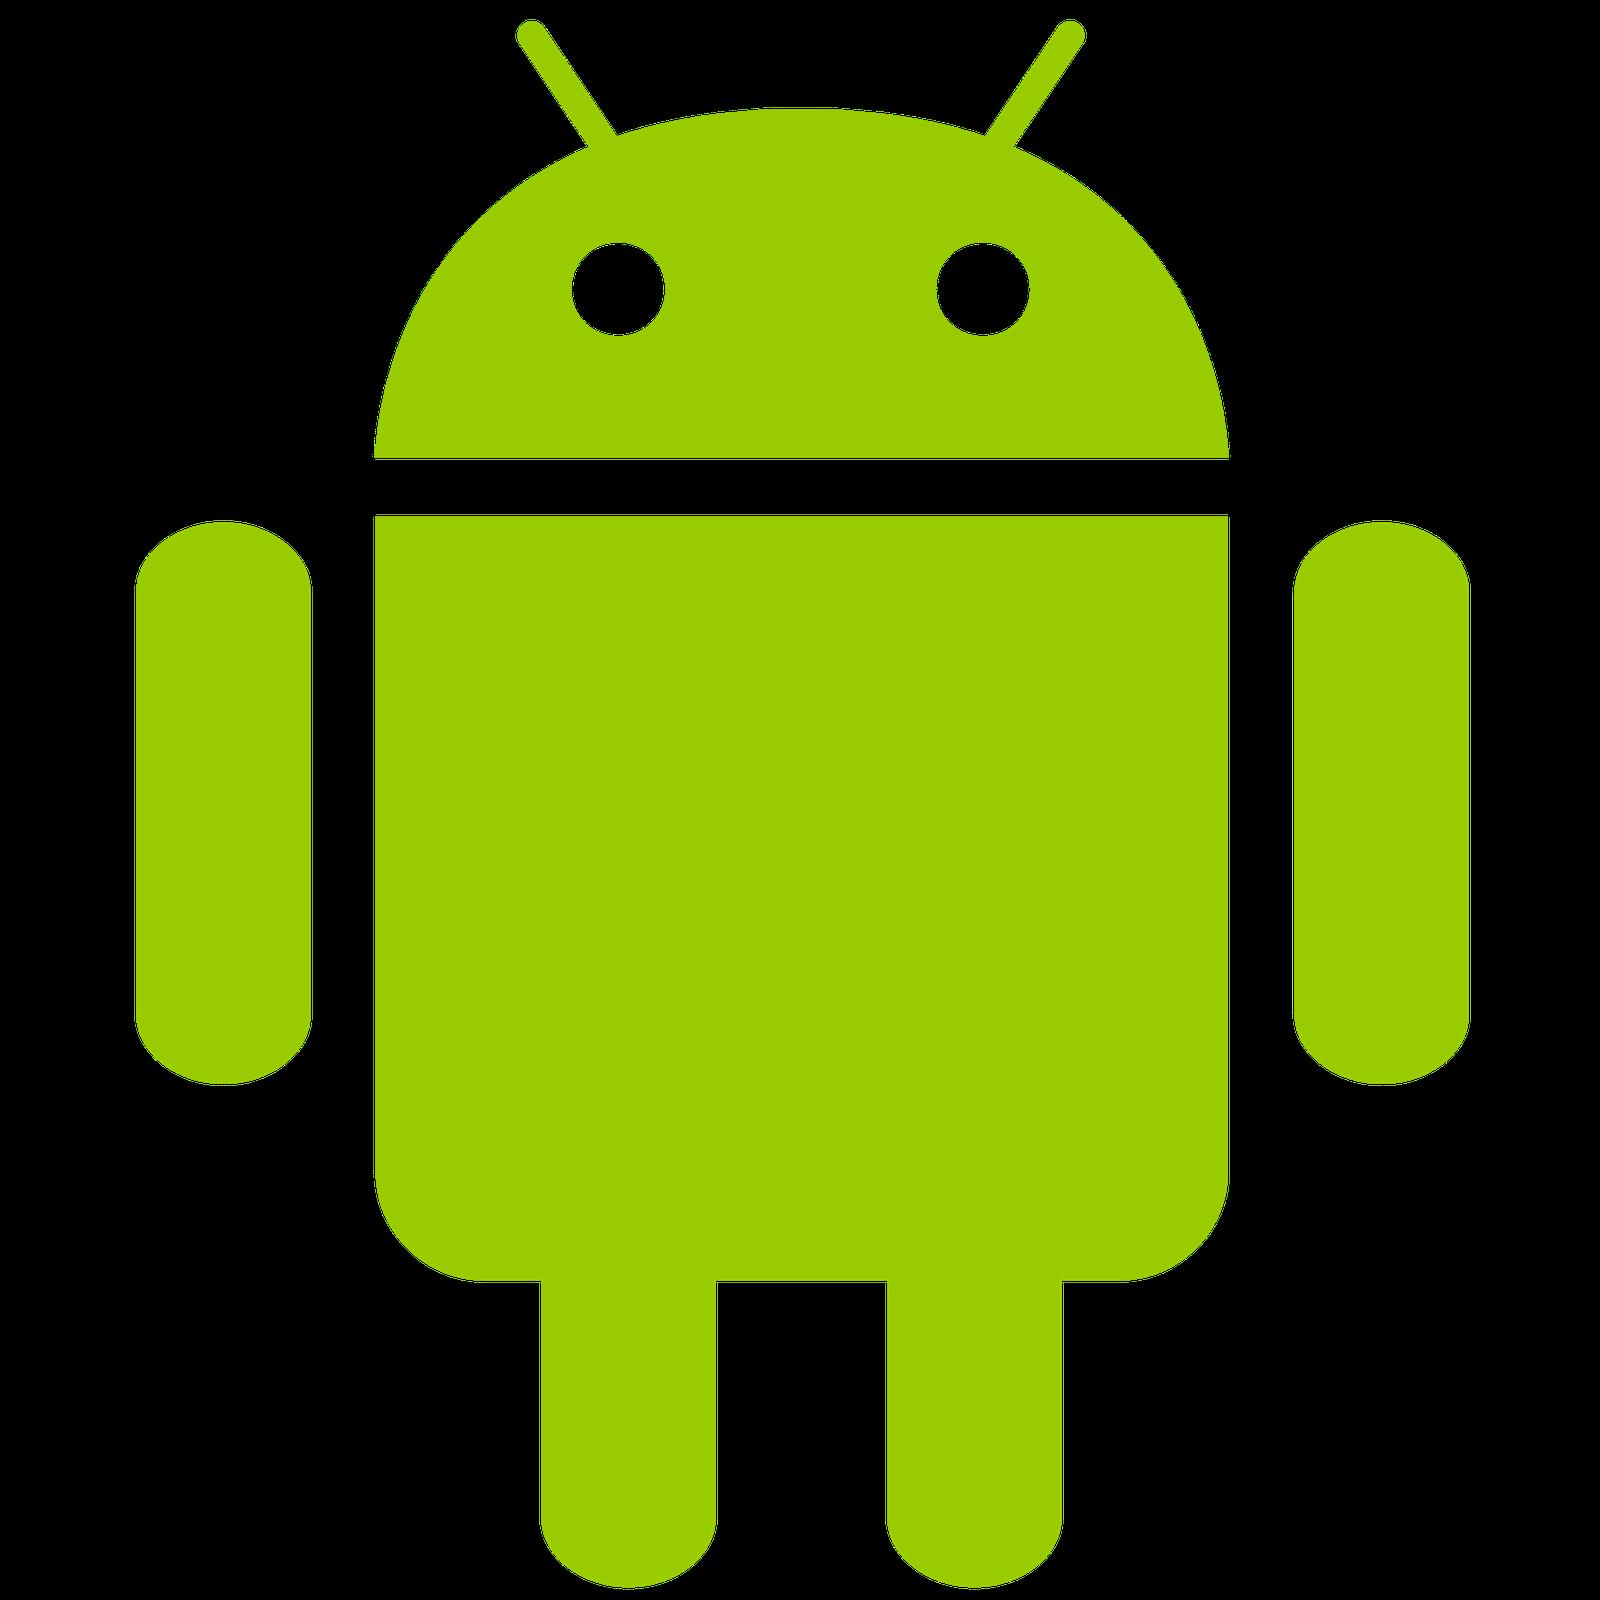 حل مشكلة سامسونج اس 3 يعلق عن طريق حذف ملفات الكاش للتطبيقات